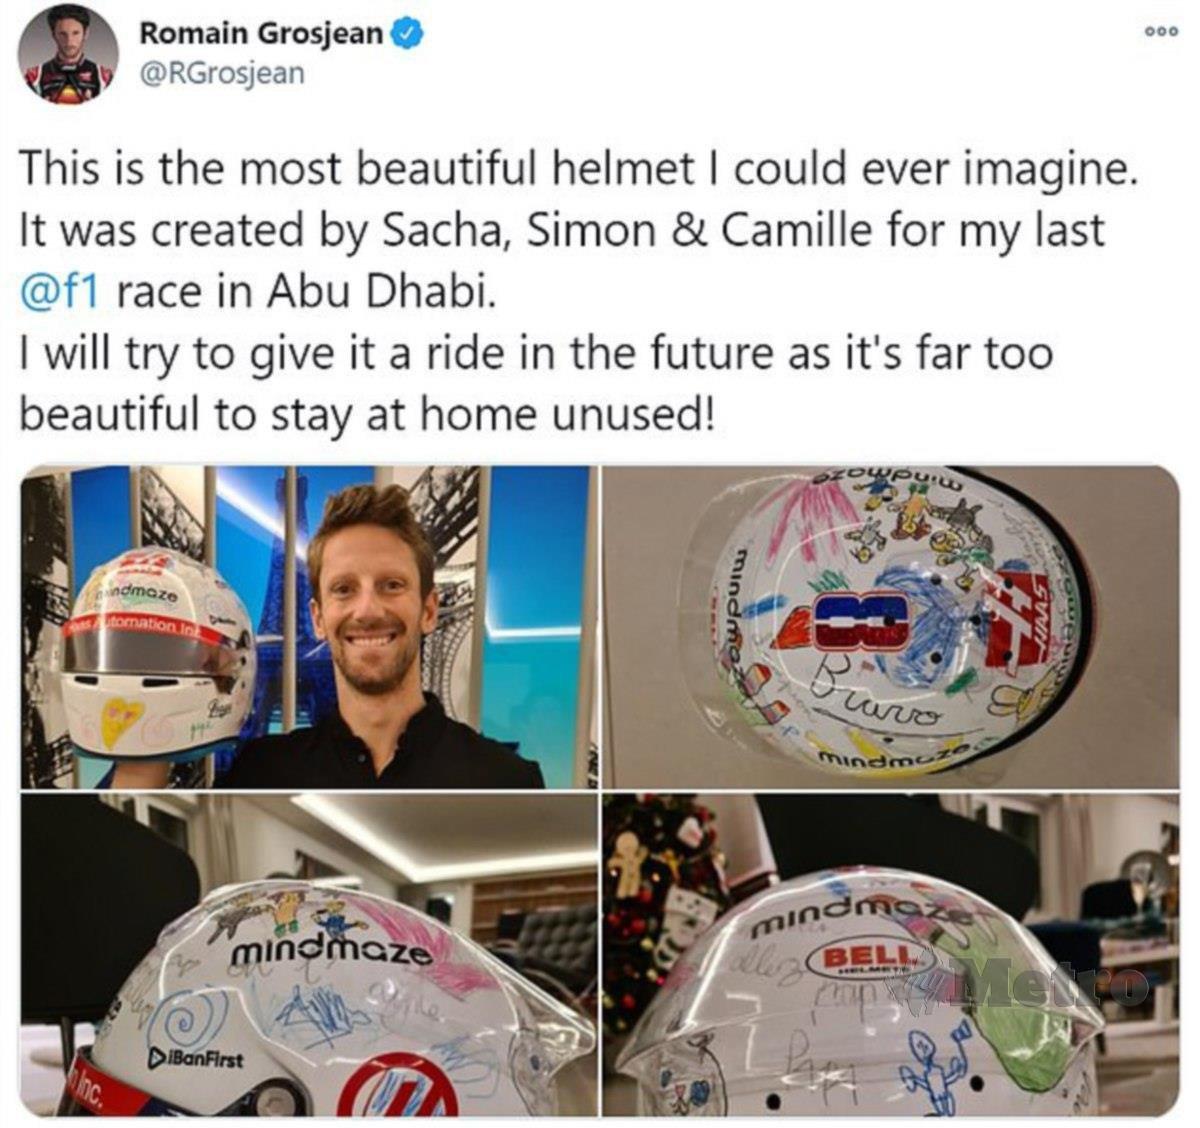 Grosjean memuat naik beberapa gambar di Twitter.